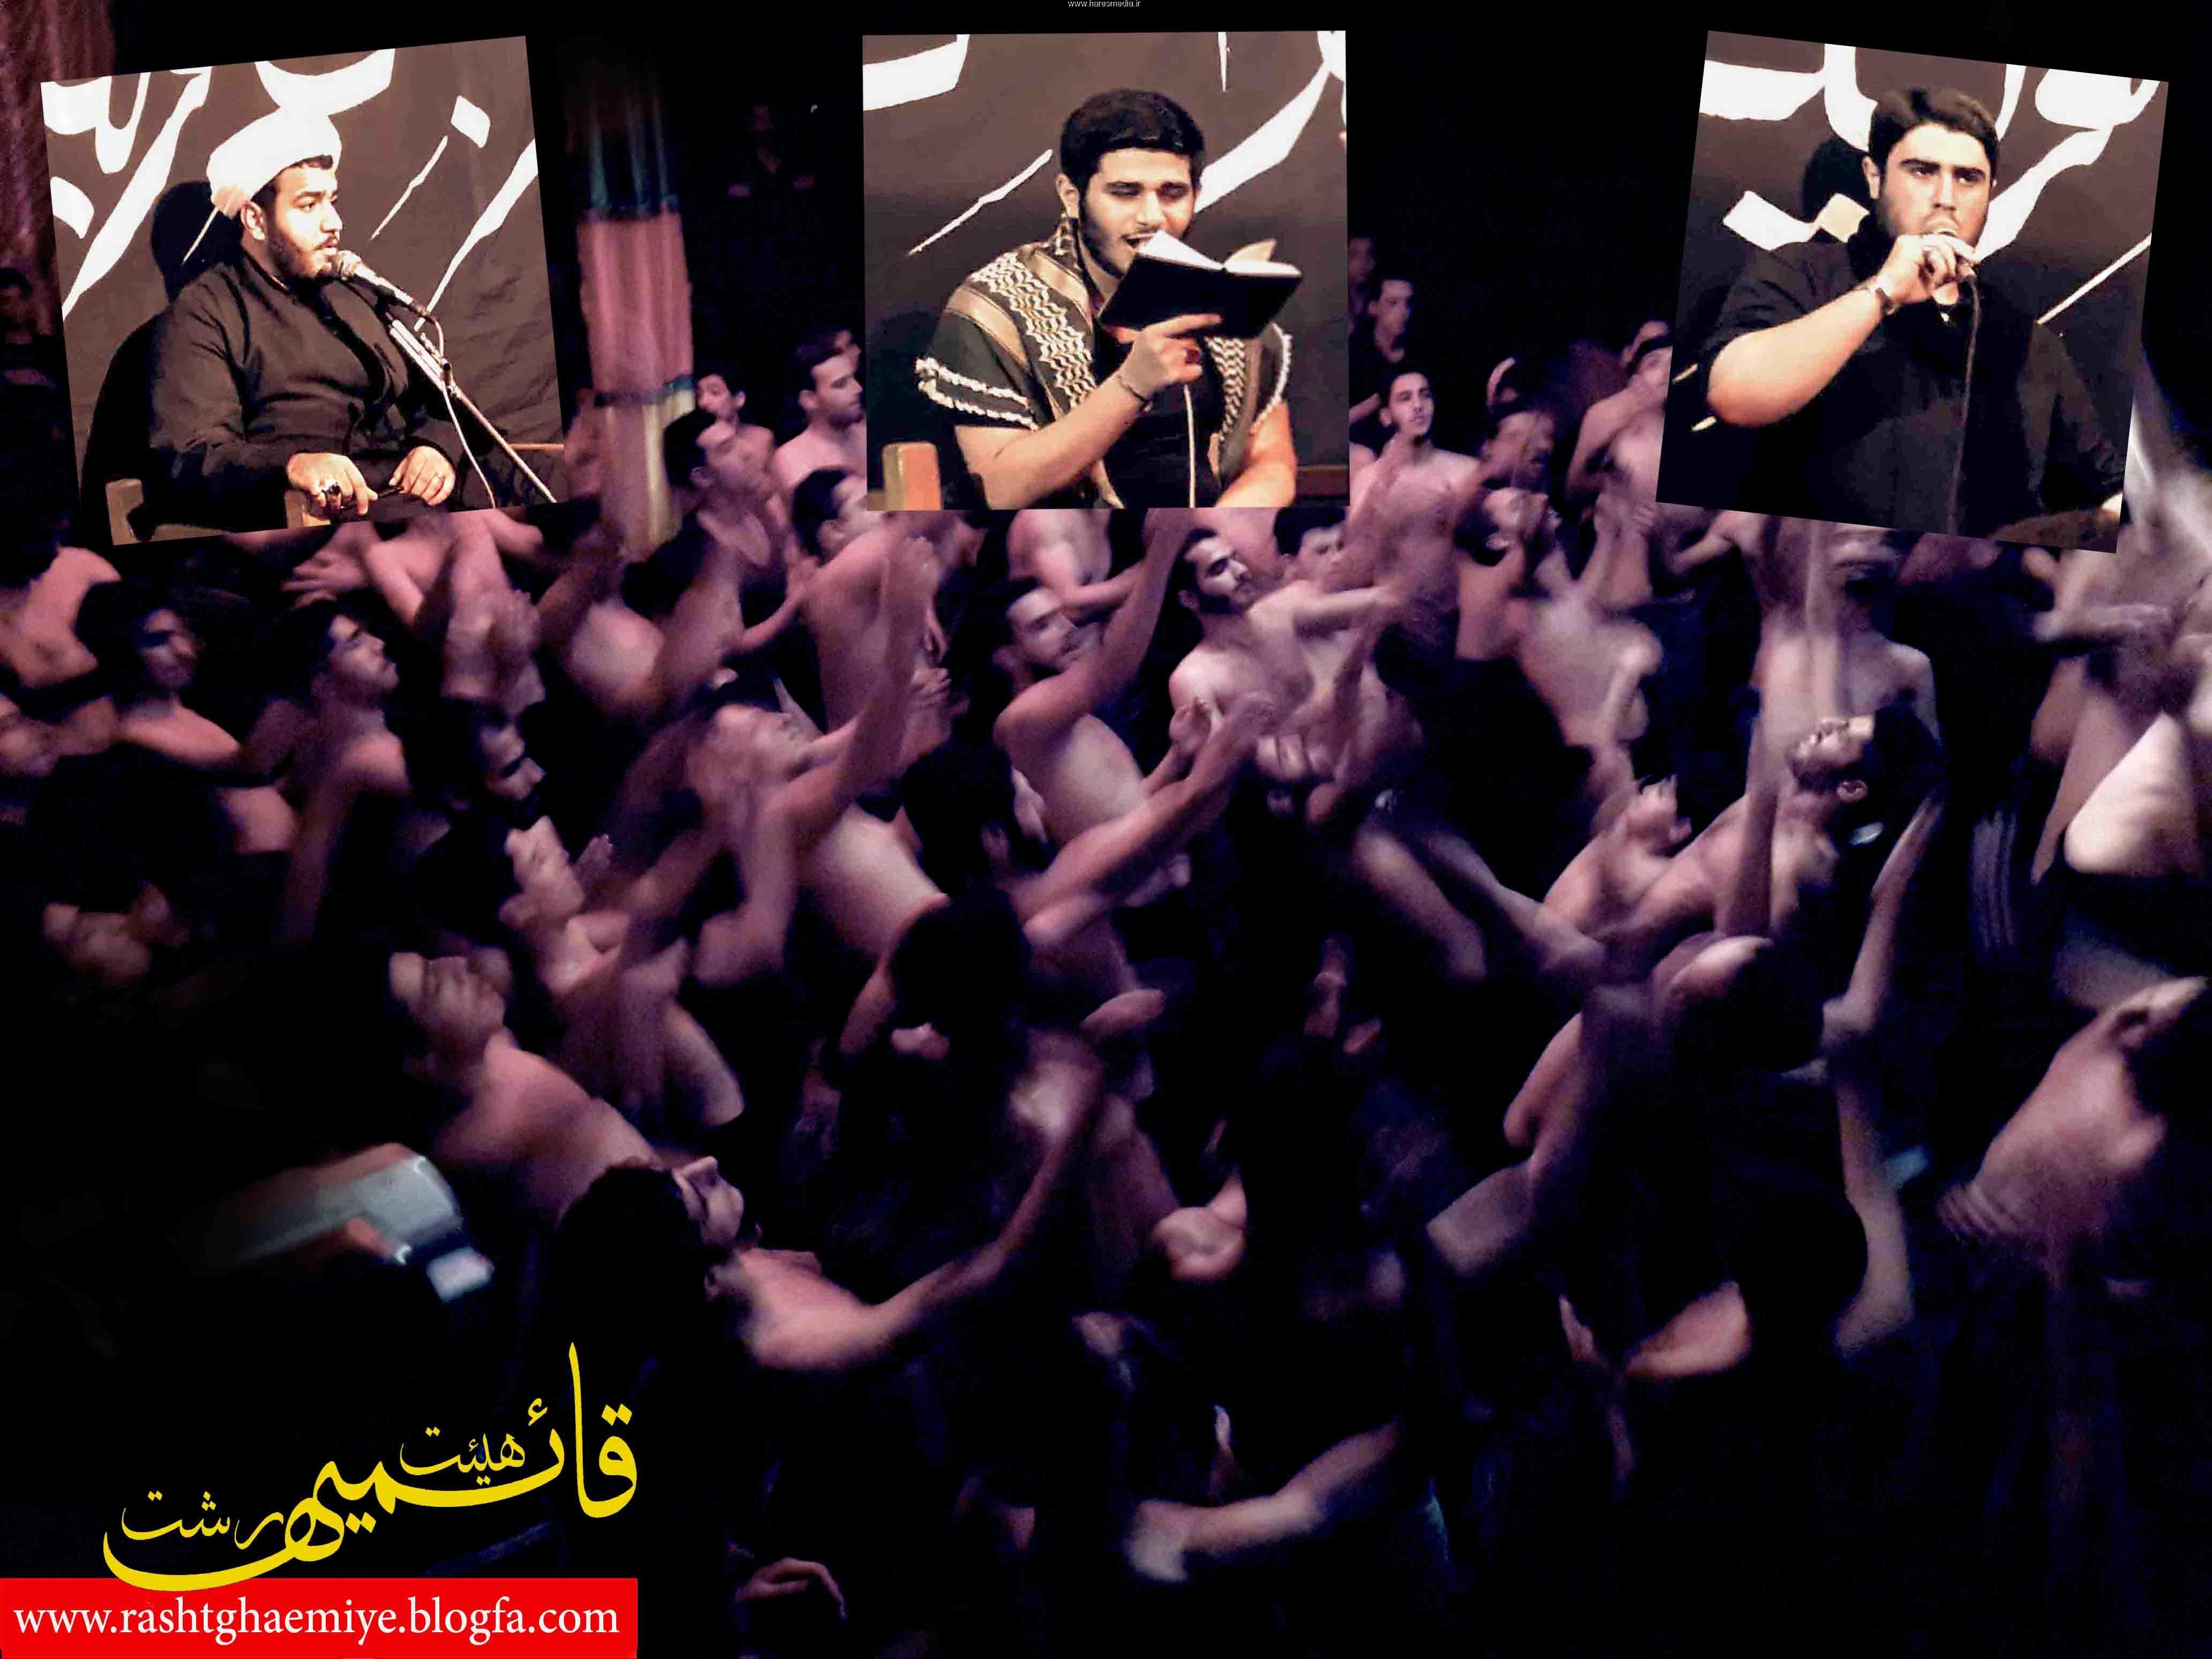 مراسم محرم 1393 شب شهزاده علی اکبر علیه السلام